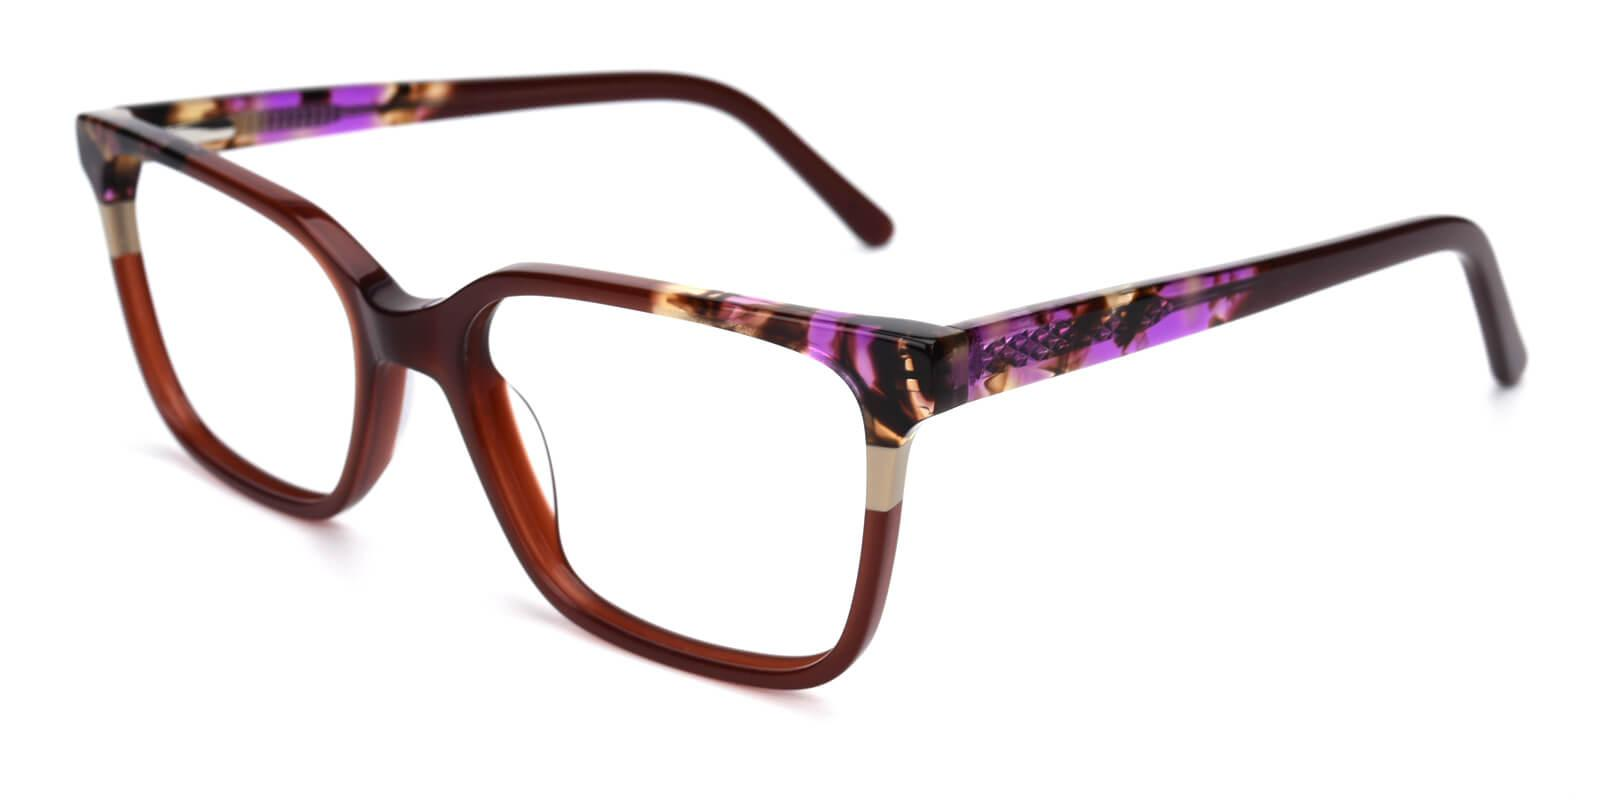 Geraldine-Brown-Square / Cat-Acetate-Eyeglasses-additional1